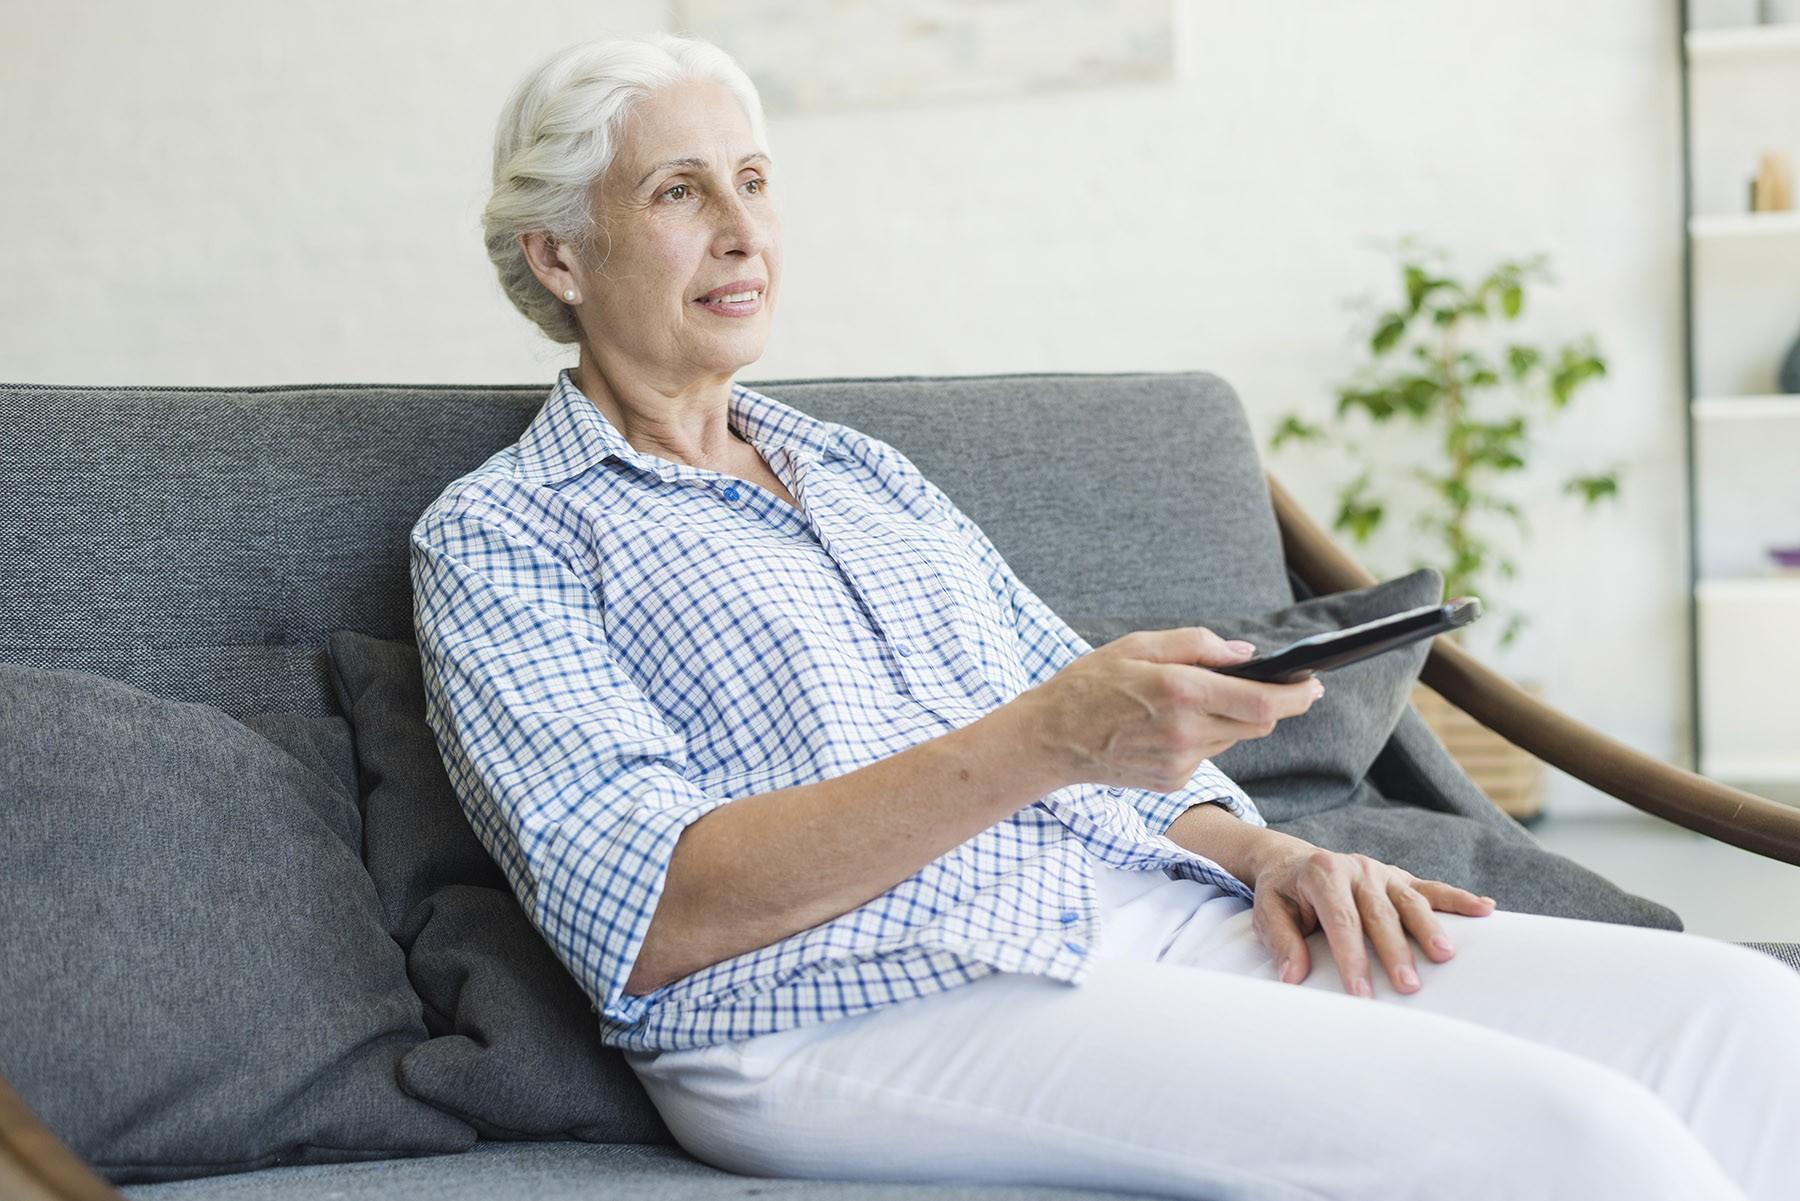 West Pond hilft sozial isolierten Senioren